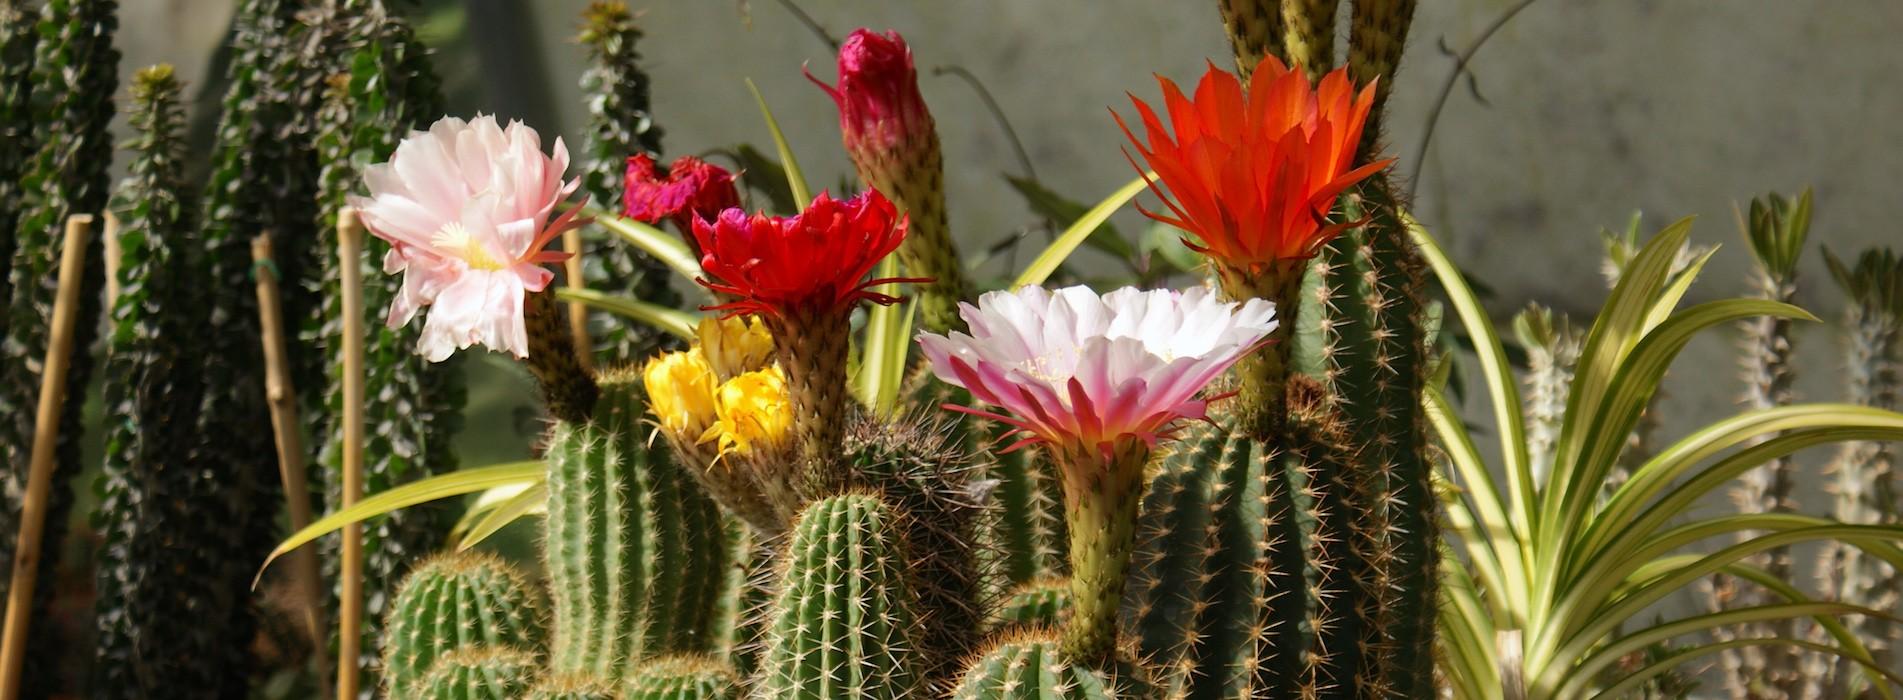 Le Cactus Alpin - Trichocereus